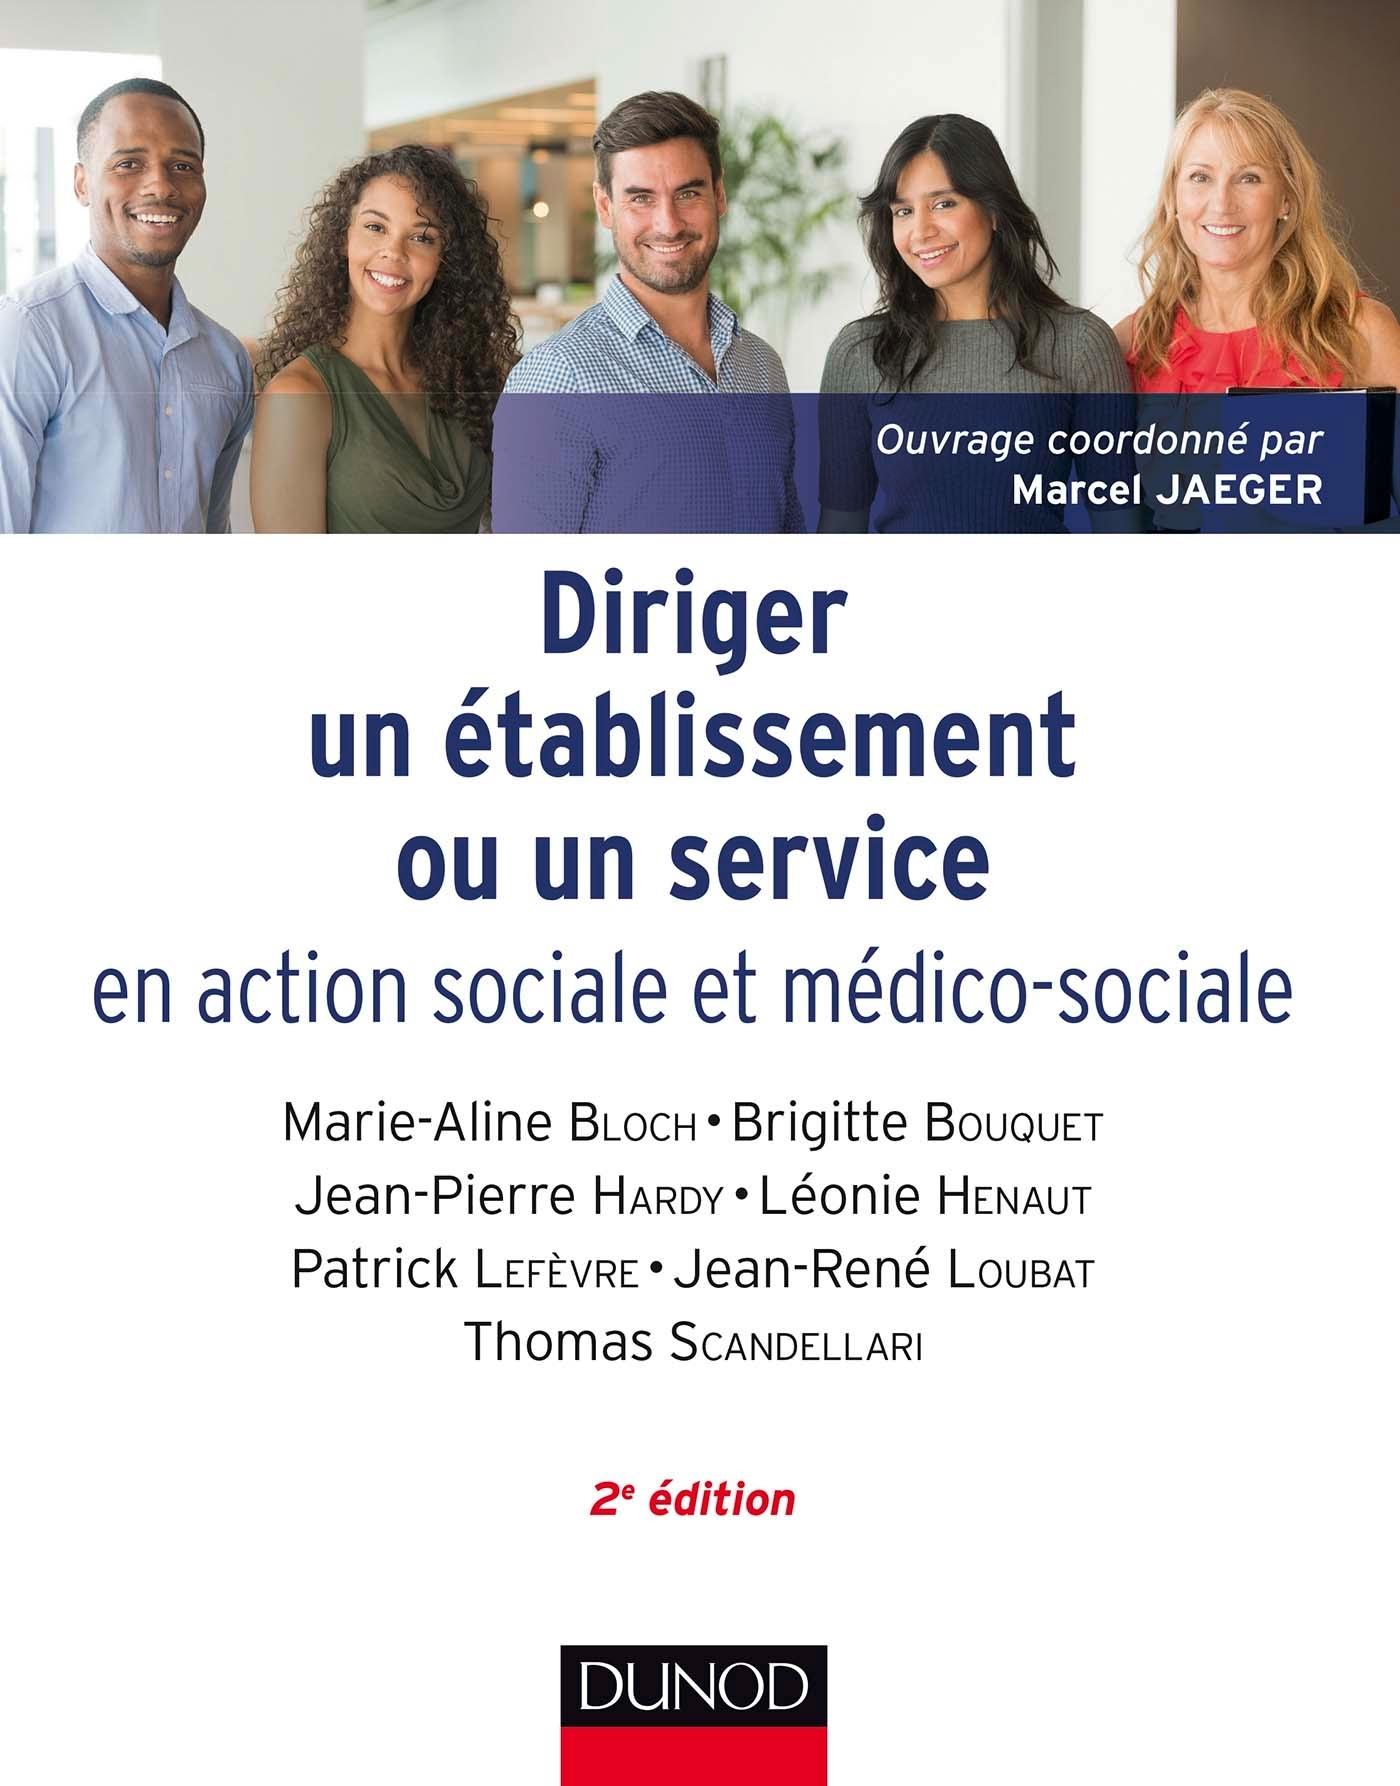 DIRIGER UN ETABLISSEMENT OU UN SERVICE EN ACTION SOCIALE ET MEDICO-SOCIALE